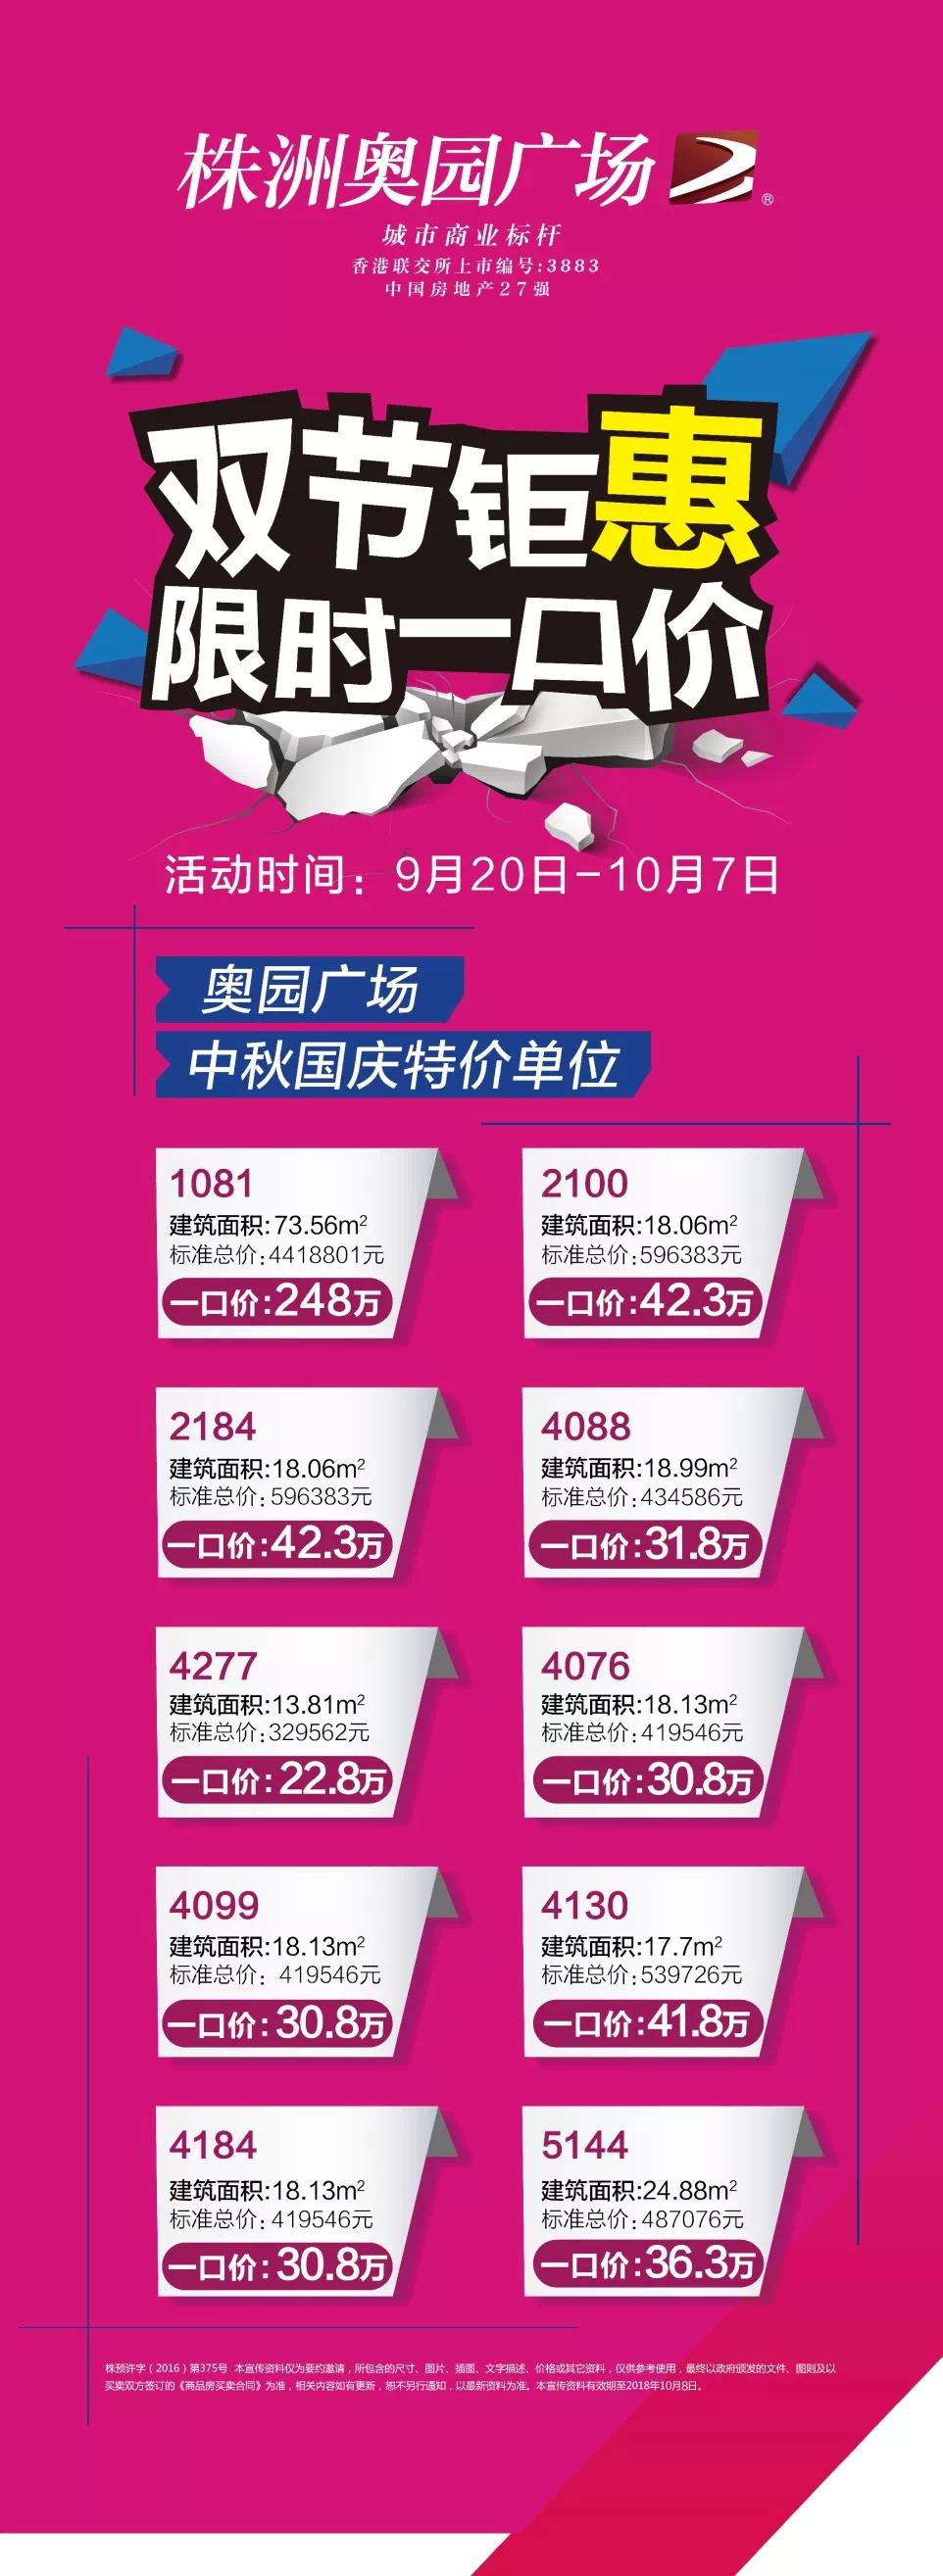 [株洲奧園廣場]搶鋪節火熱來襲!限時限量一口價22.8萬起!